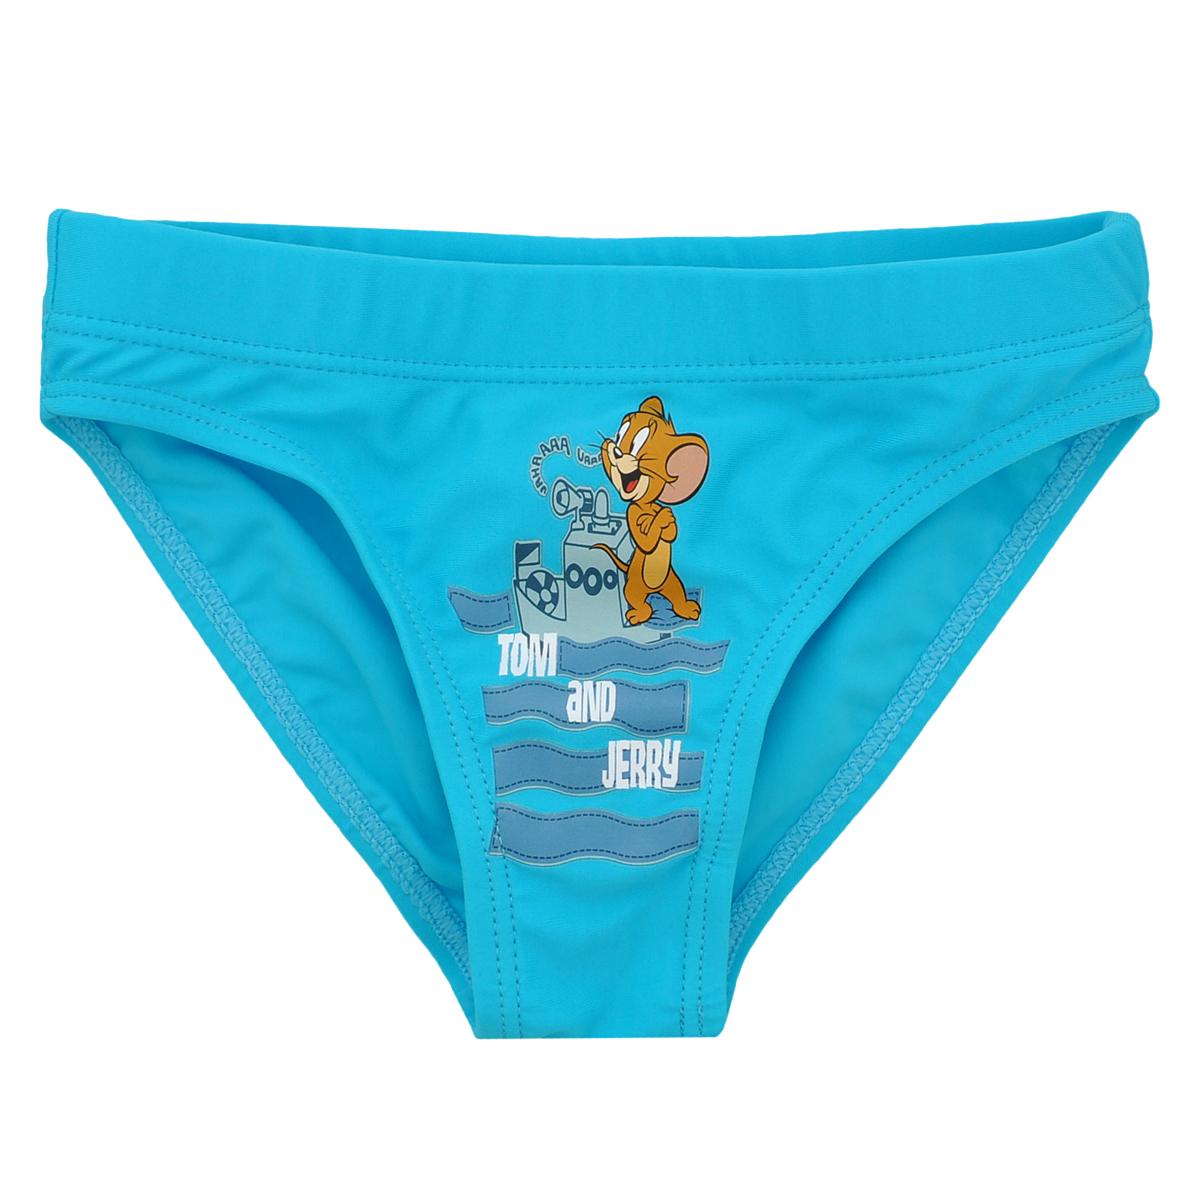 Плавки для мальчика Tom and Jerry, цвет: бирюзовый. K014. Размер 110, 5 летK014Плавки для мальчика Tom and Jerry - отличный вариант для летнего отдыха на пляже или в бассейне. Они изготовлены из нейлона и спандекса, благодаря чему позволяют коже ребенка дышать, быстро сохнут и сохраняют первоначальный вид и форму даже при длительном использовании. Они комфортны в носке, даже когда ребенок мокрый.Плавки на поясе имеют широкую эластичную резинку, не сдавливающую животик малыша. Модель спереди оформлена оригинальным принтом в виде забавного Джерри и надписи Tom and Jerry. Такие плавки, несомненно, понравится каждому малышу.